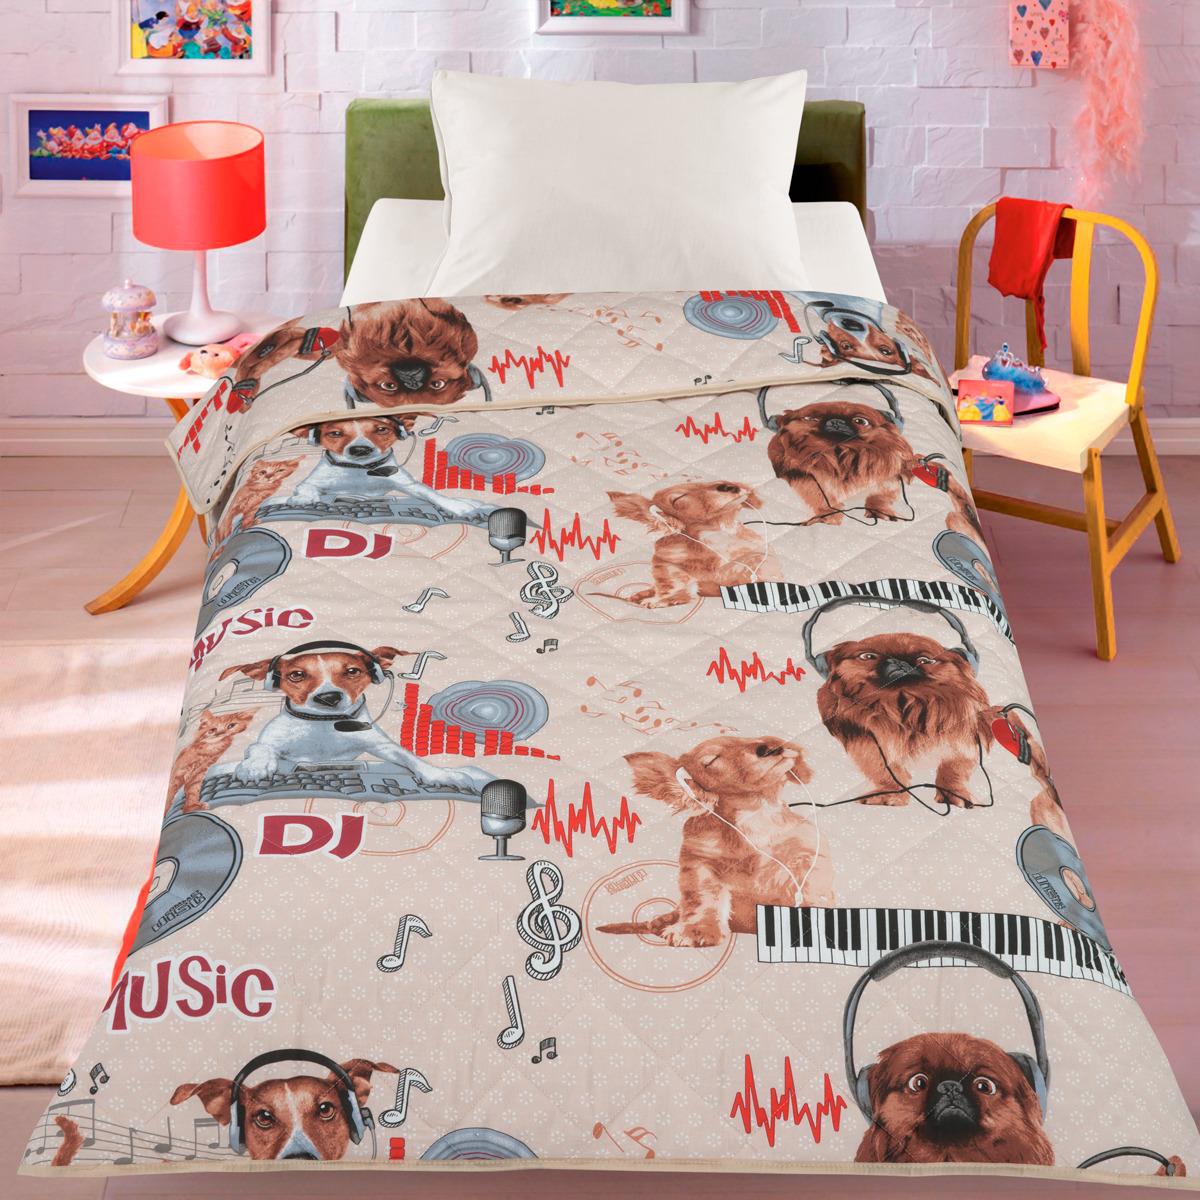 Покрывало детское Letto Собака диджей, dog-dj140, бежевый, 140 х 200 см покрывало letto pp54 бежевый 240 х 210 см